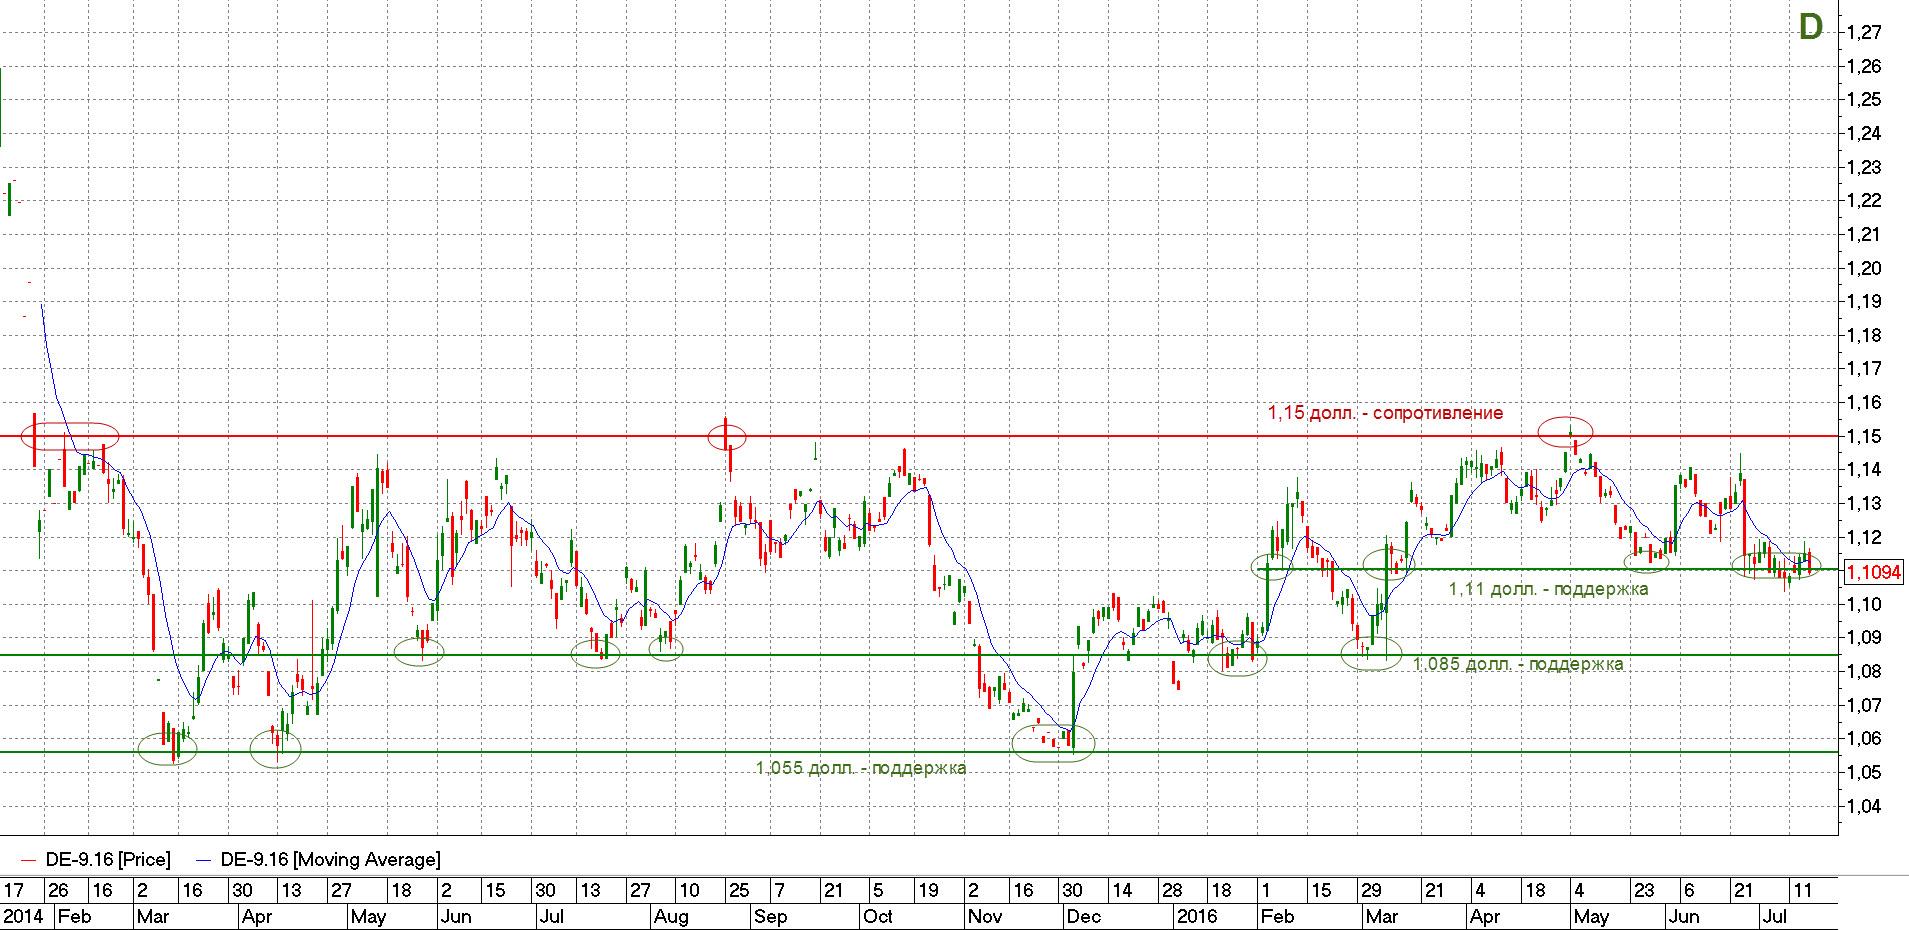 Евро-доллар график цены